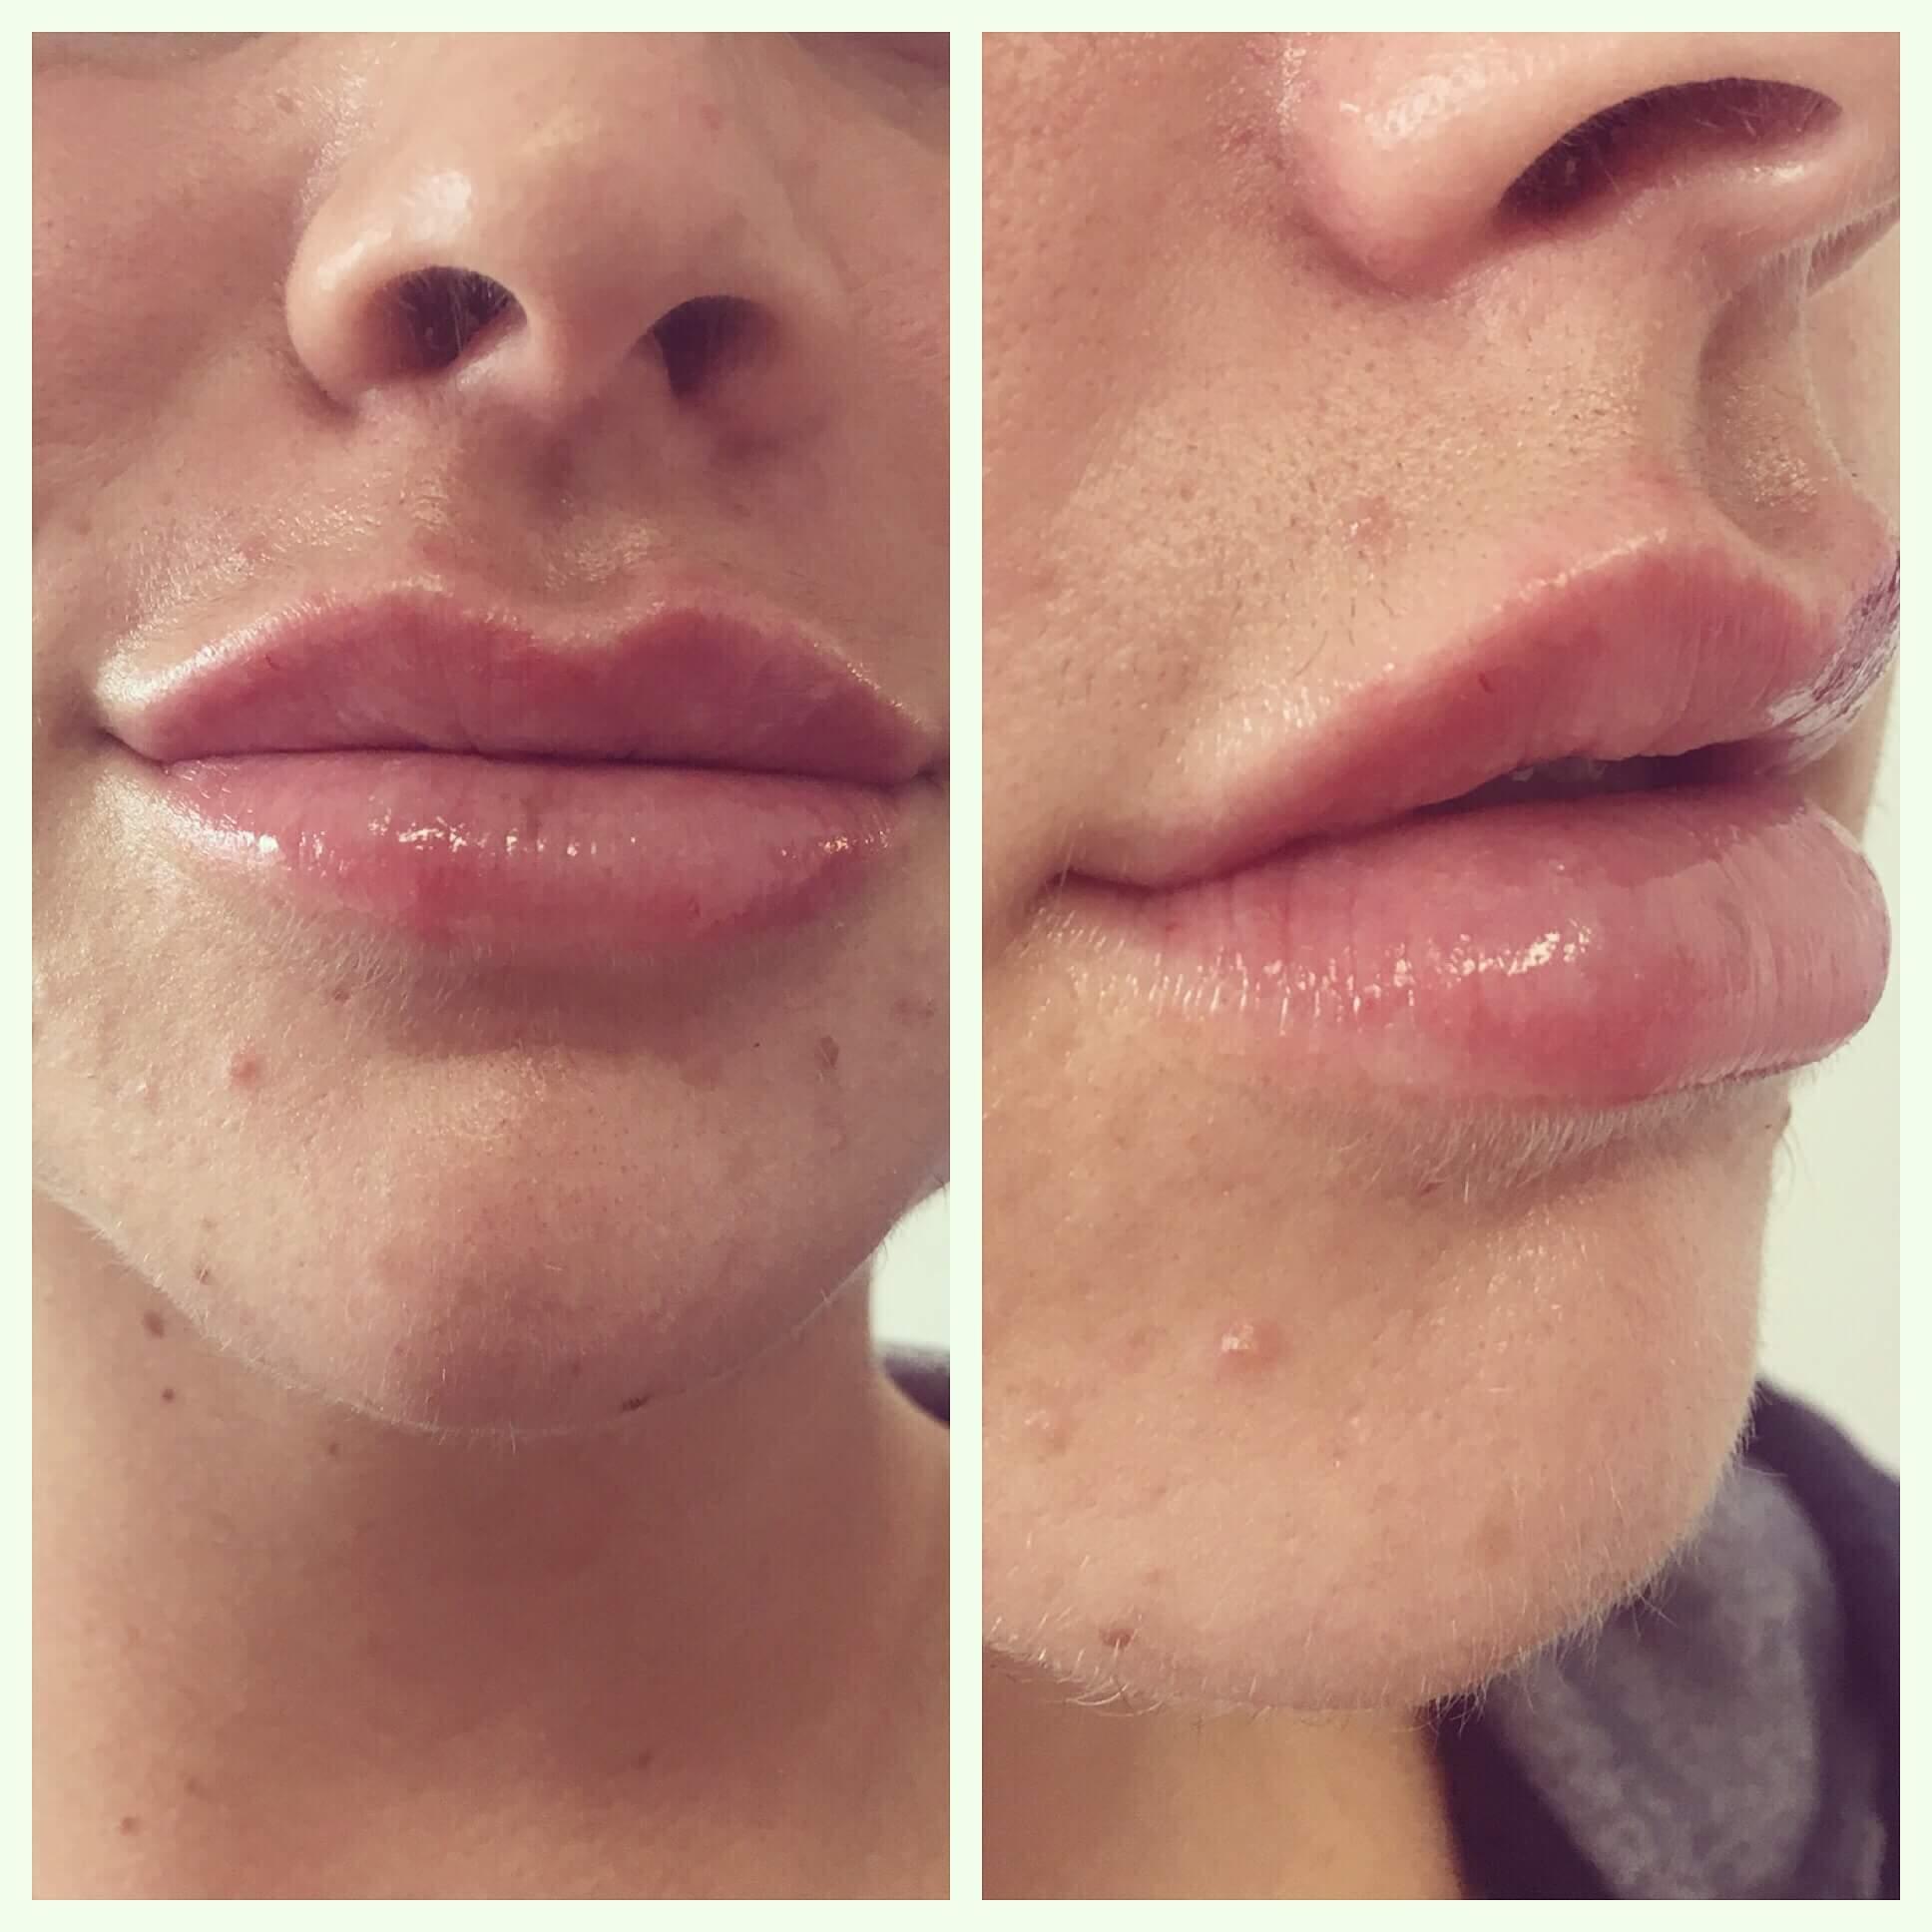 fuller lips 2020